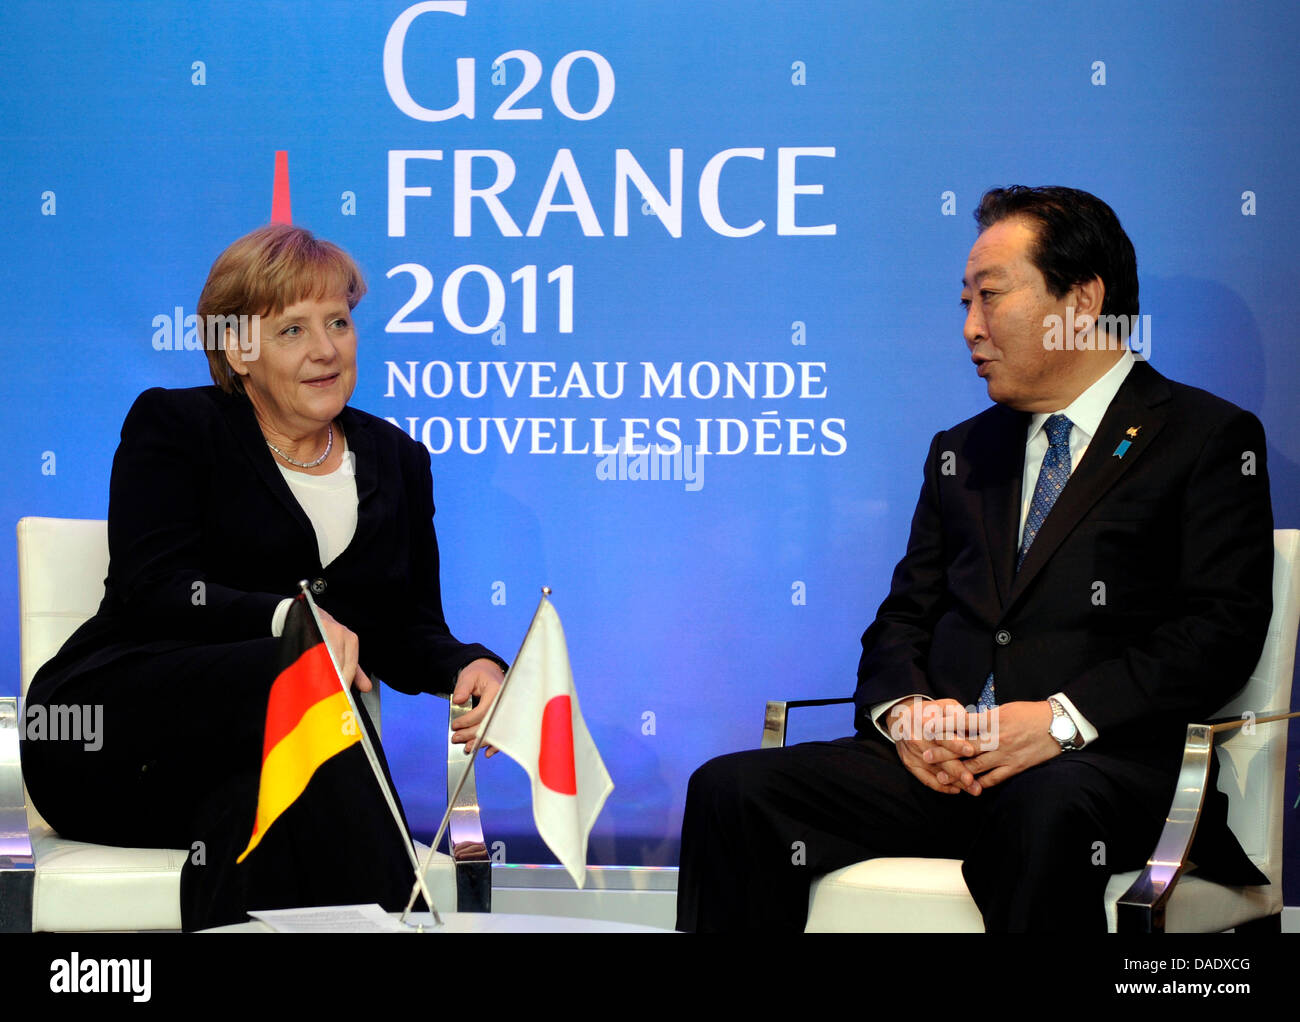 Bundeskanzlerin Angela Merkel (CDU) und Japans Premierminister Yoshihiko Noda unterhalten sich am Freitag (04.11.11) - Stock Image